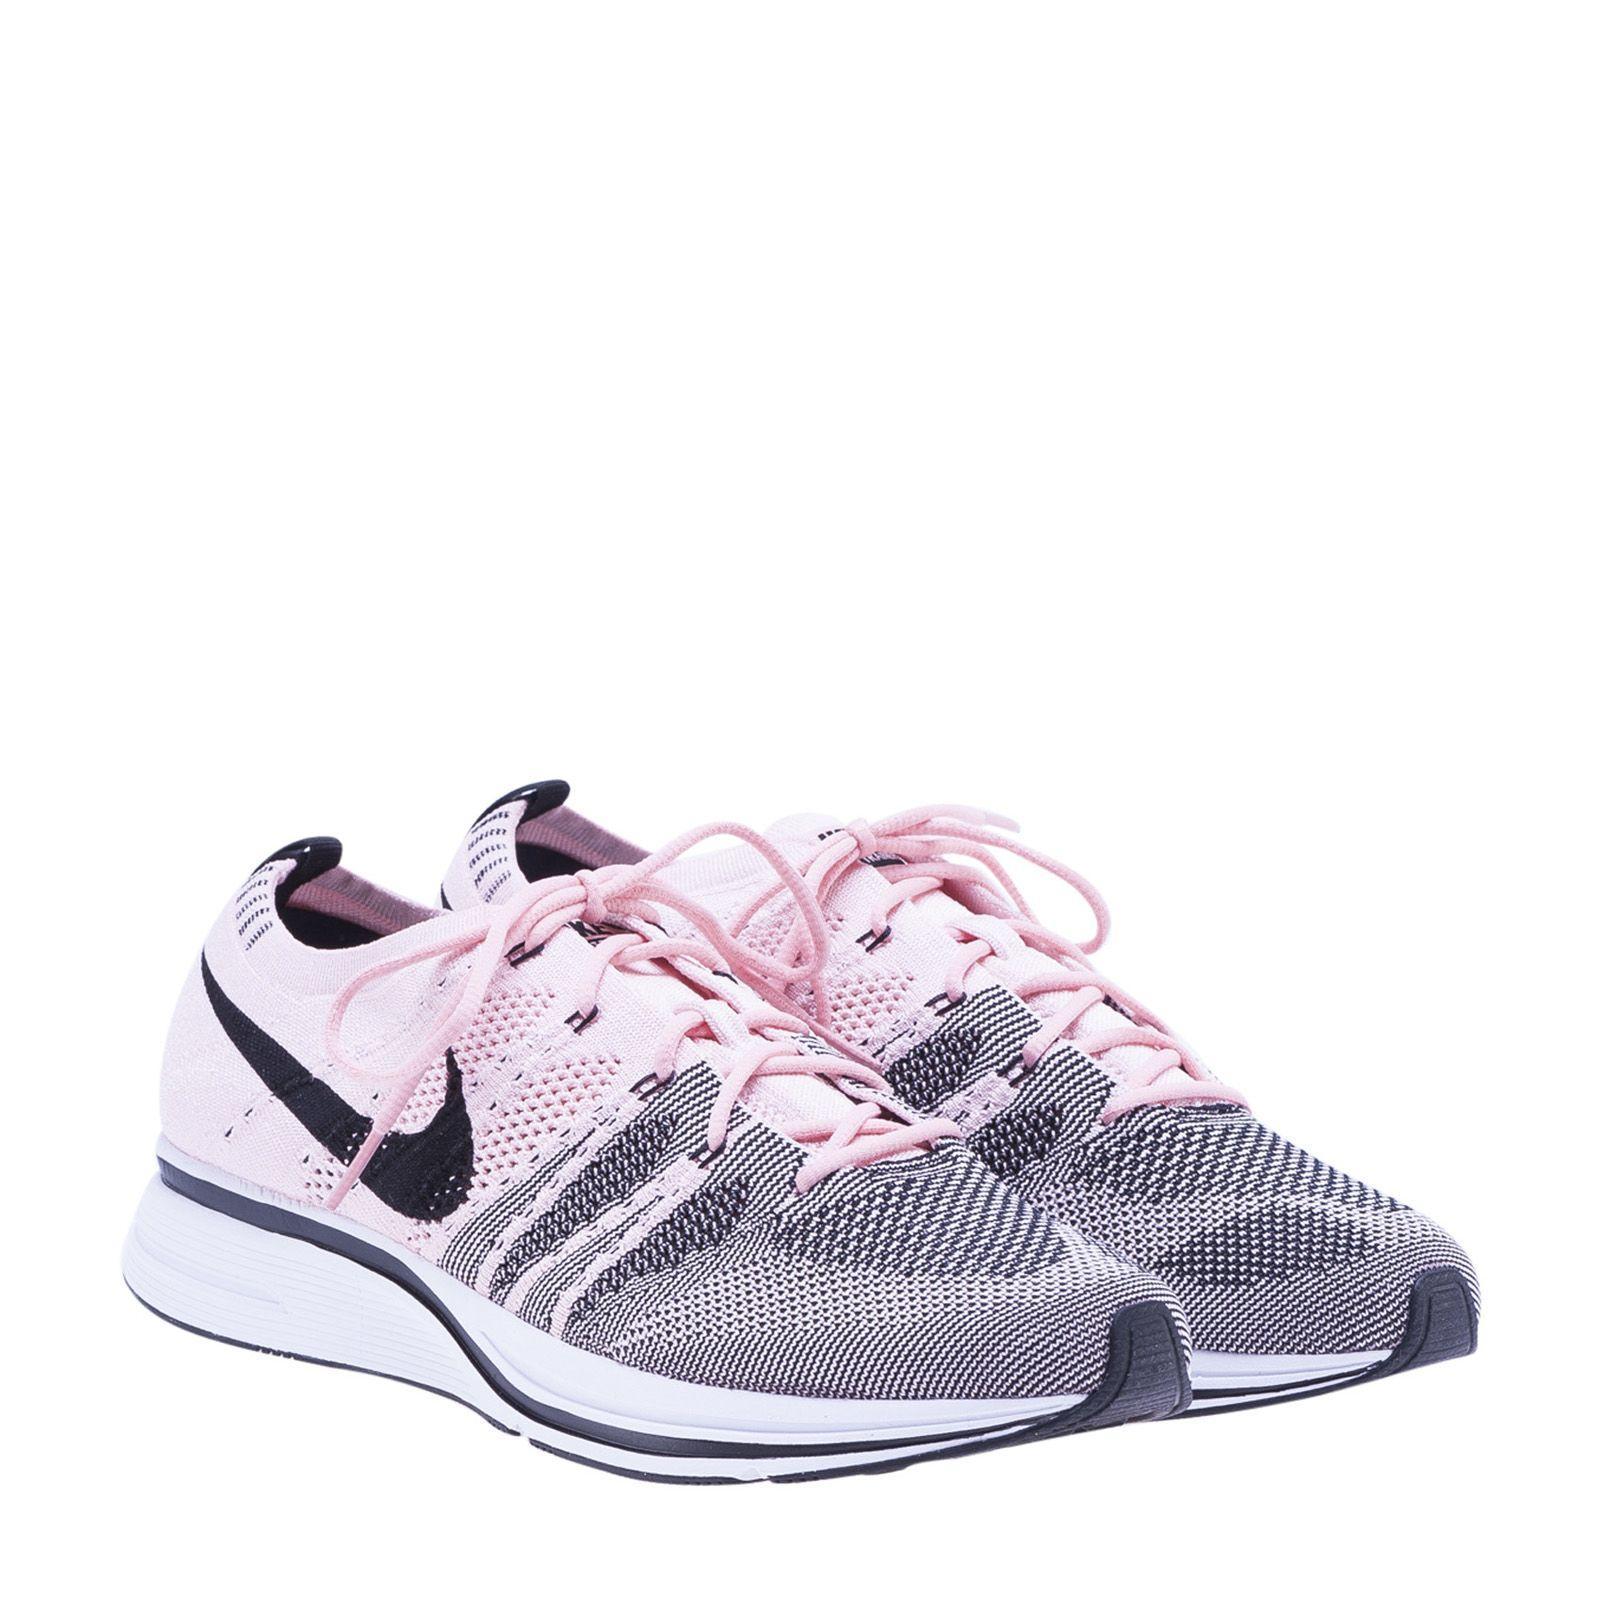 8354498c523a Nike Lab Flyknit Trainer Sneaker In 600